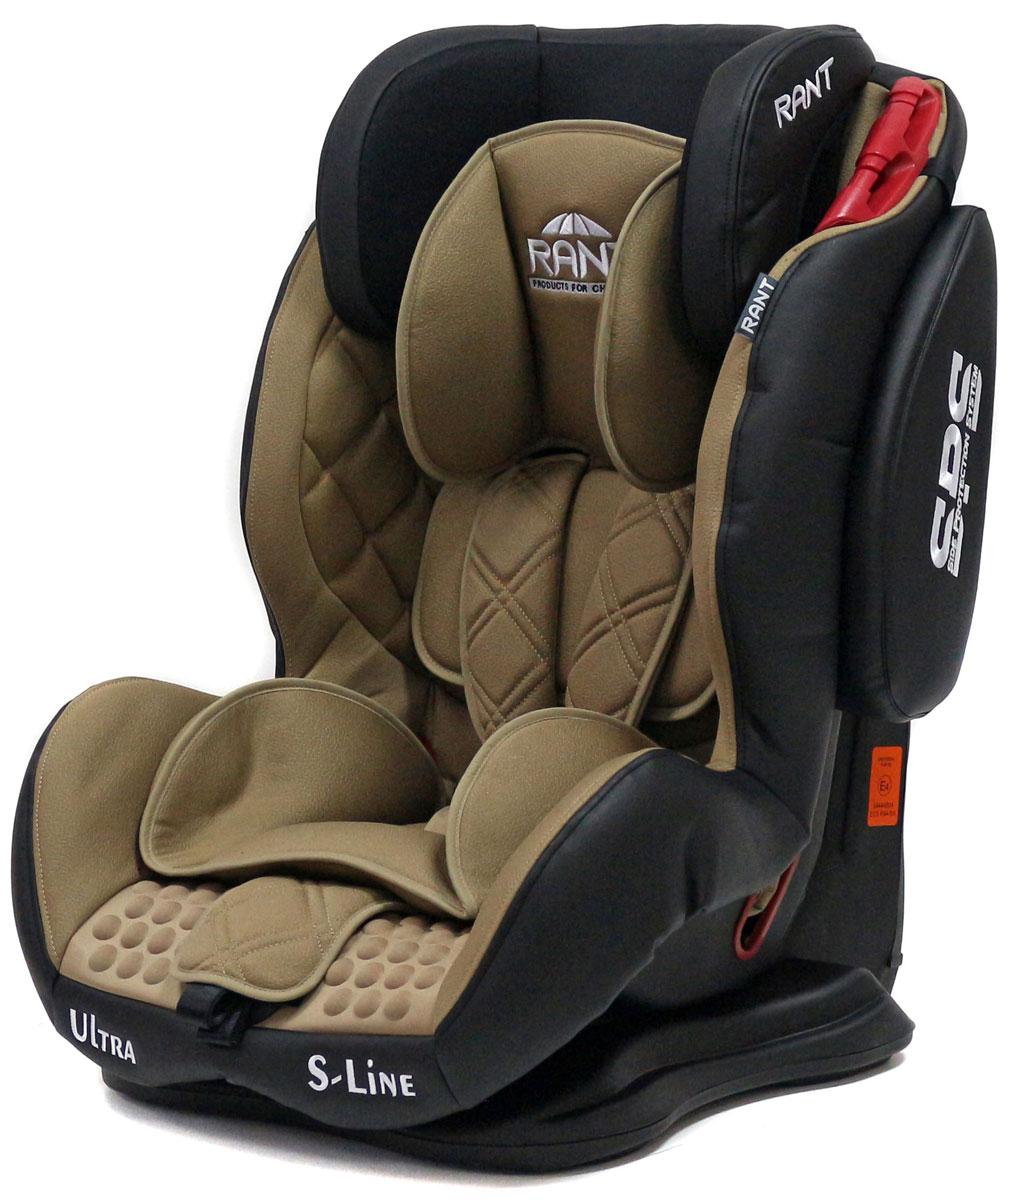 Rant Автокресло Ultra SPS цвет кофейный от 9 до 36 кг4630008878767Автокресло Rant Ultra SPS группы 1-2-3 предназначено для детей весом от 9 до 36 кг (возраст от 9 месяцев до 12 лет), крепится штатными ремнями безопасности автомобиля, устанавливается по ходу движения автомобиля. Кресло оснащено пятиточечным ремнем безопасности с мягкими плечевыми накладками и антискользящими нашивками, 3-х ступенчатой настройкой высоты подголовника, корректировкой высоты ремня безопасности по уровню подголовника. 3 положения наклона корпуса, устойчивая база, фиксатор высоты штатных ремней безопасности, дополнительная боковая защита, съемный чехол, мягкий съемный вкладыш для малыша делают это кресло идеальным средством для защиты ребенка во время передвижения на автомобиле.Сертификат Европейского Стандарта Безопасности ЕCE R44/04.